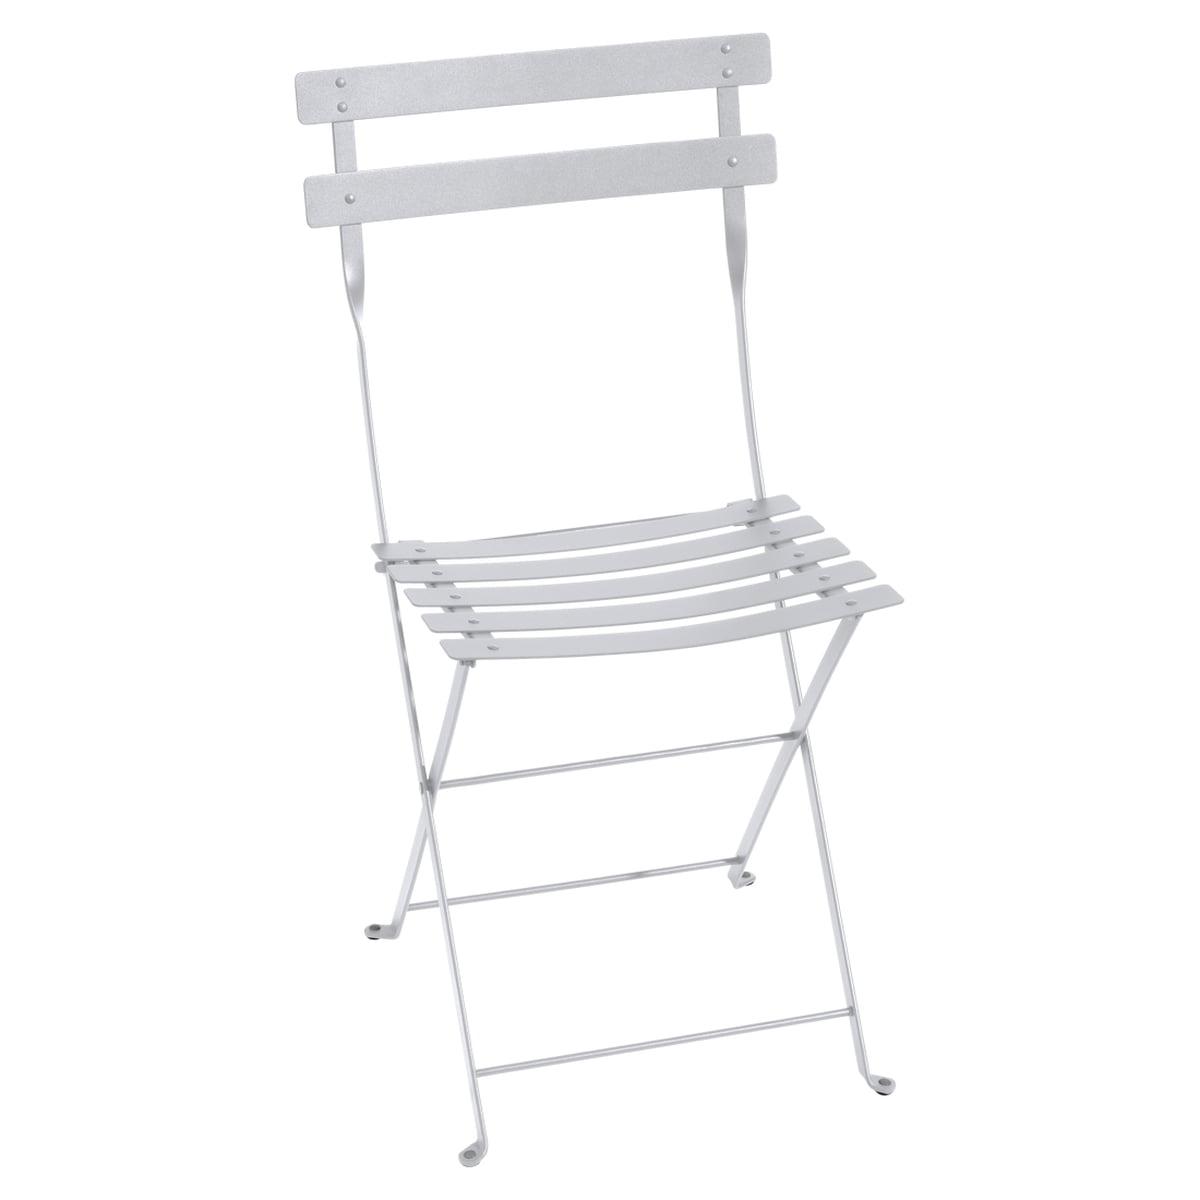 White Metal Folding Chairs bistro metal folding chair | fermob | shop